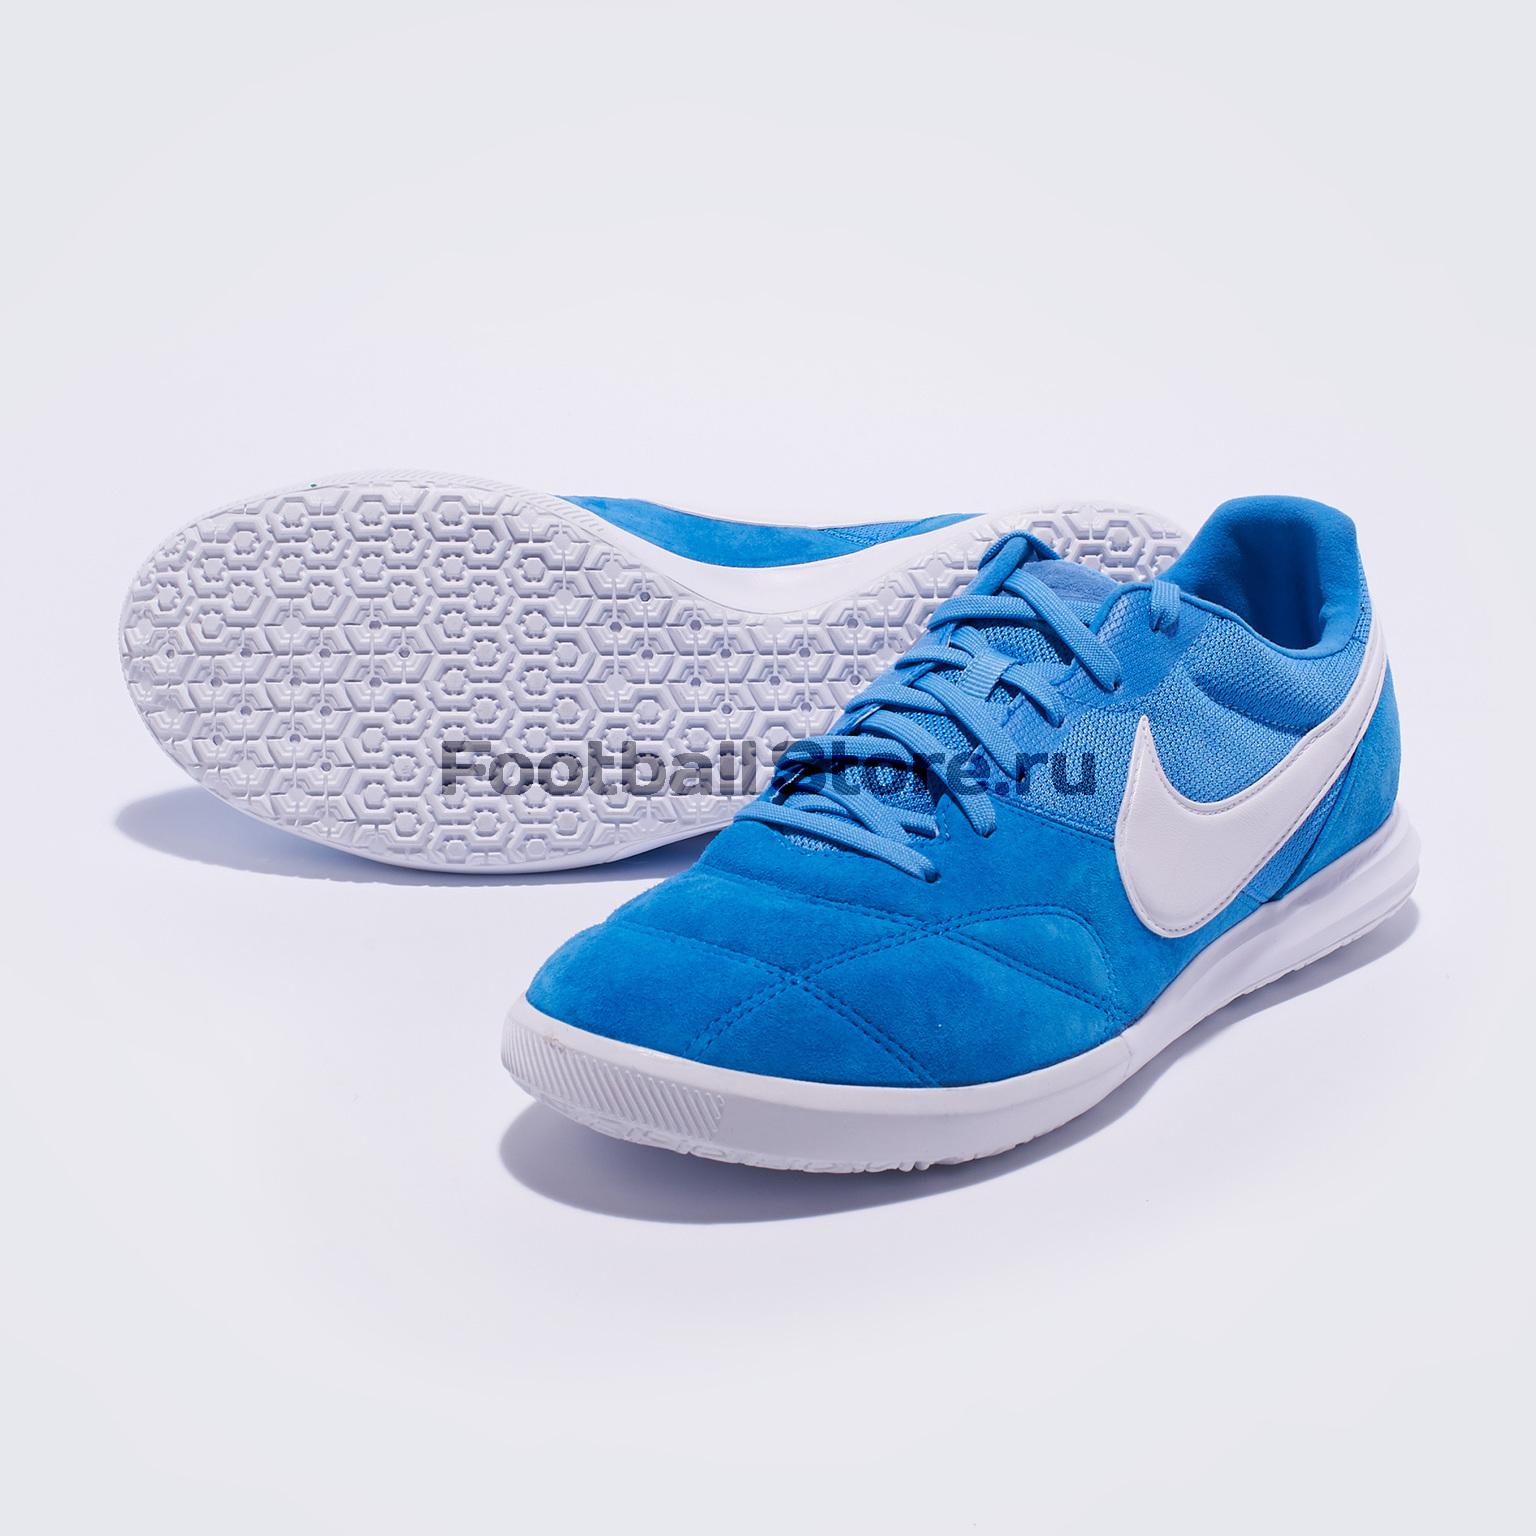 Футзалки Nike Premier II Sala AV3153-414 цены